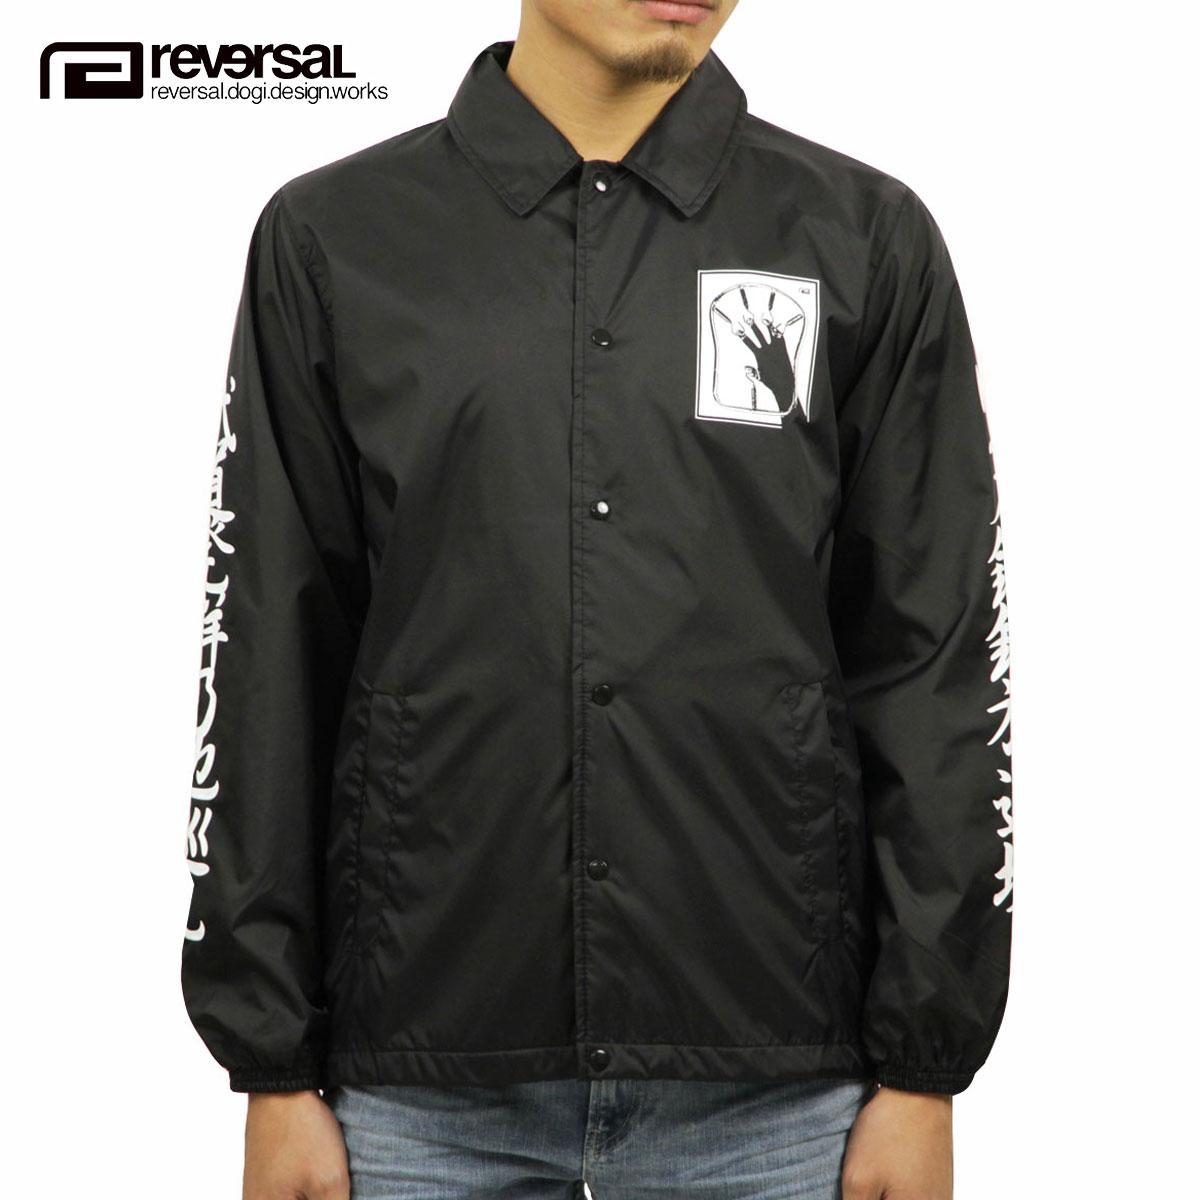 リバーサル REVERSAL 正規販売店 メンズ アウター コーチジャケット IRON FIST COACH JKT rv18aw005 BLACK